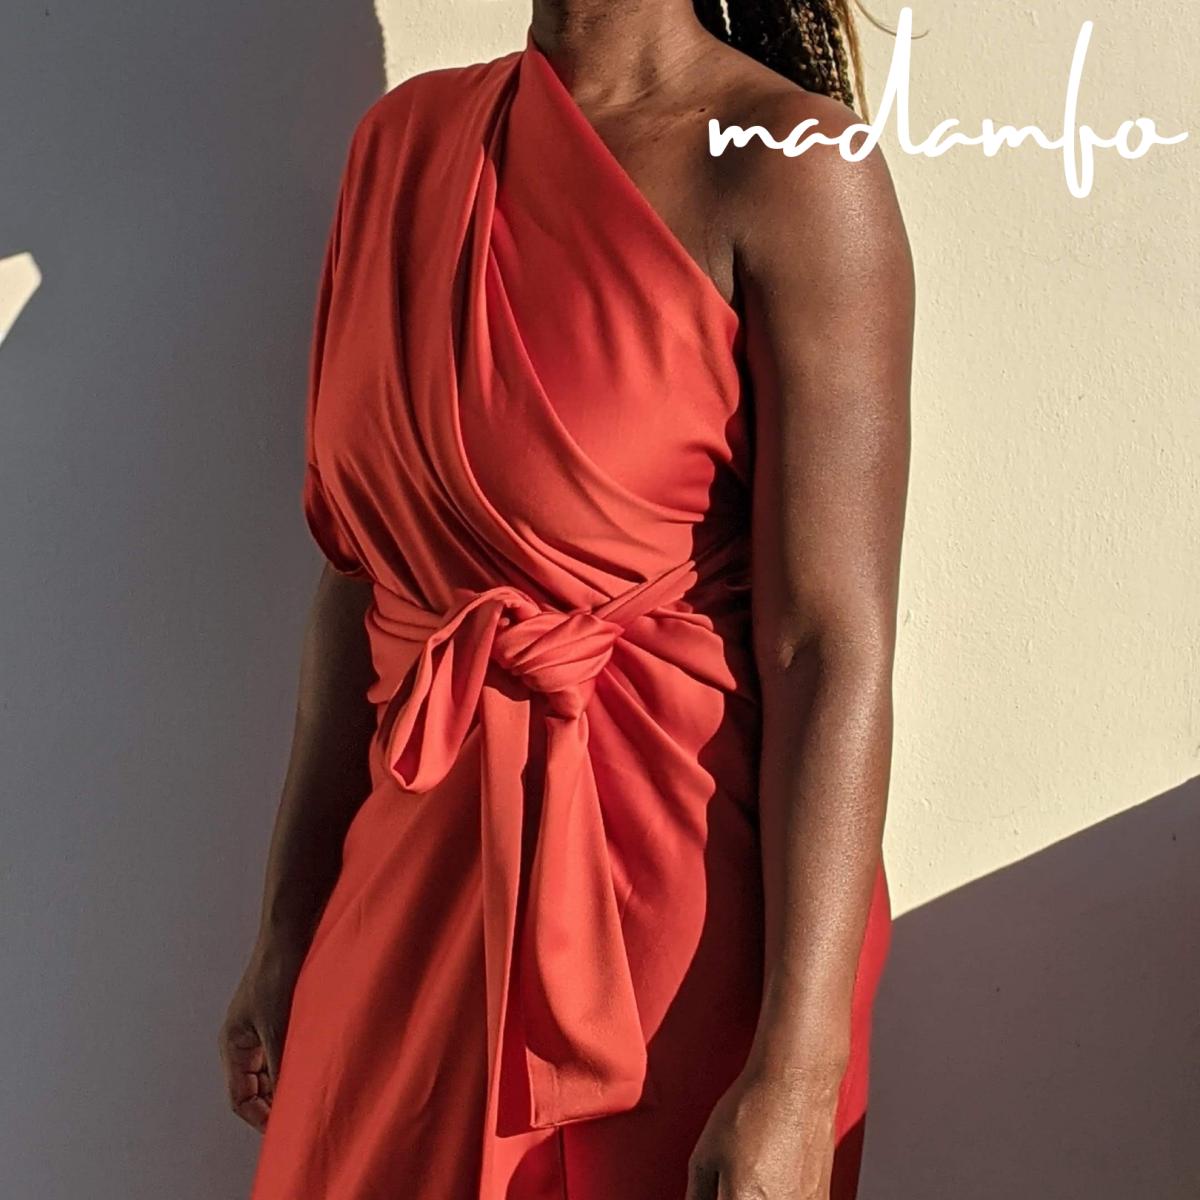 Madamfo Womenswear